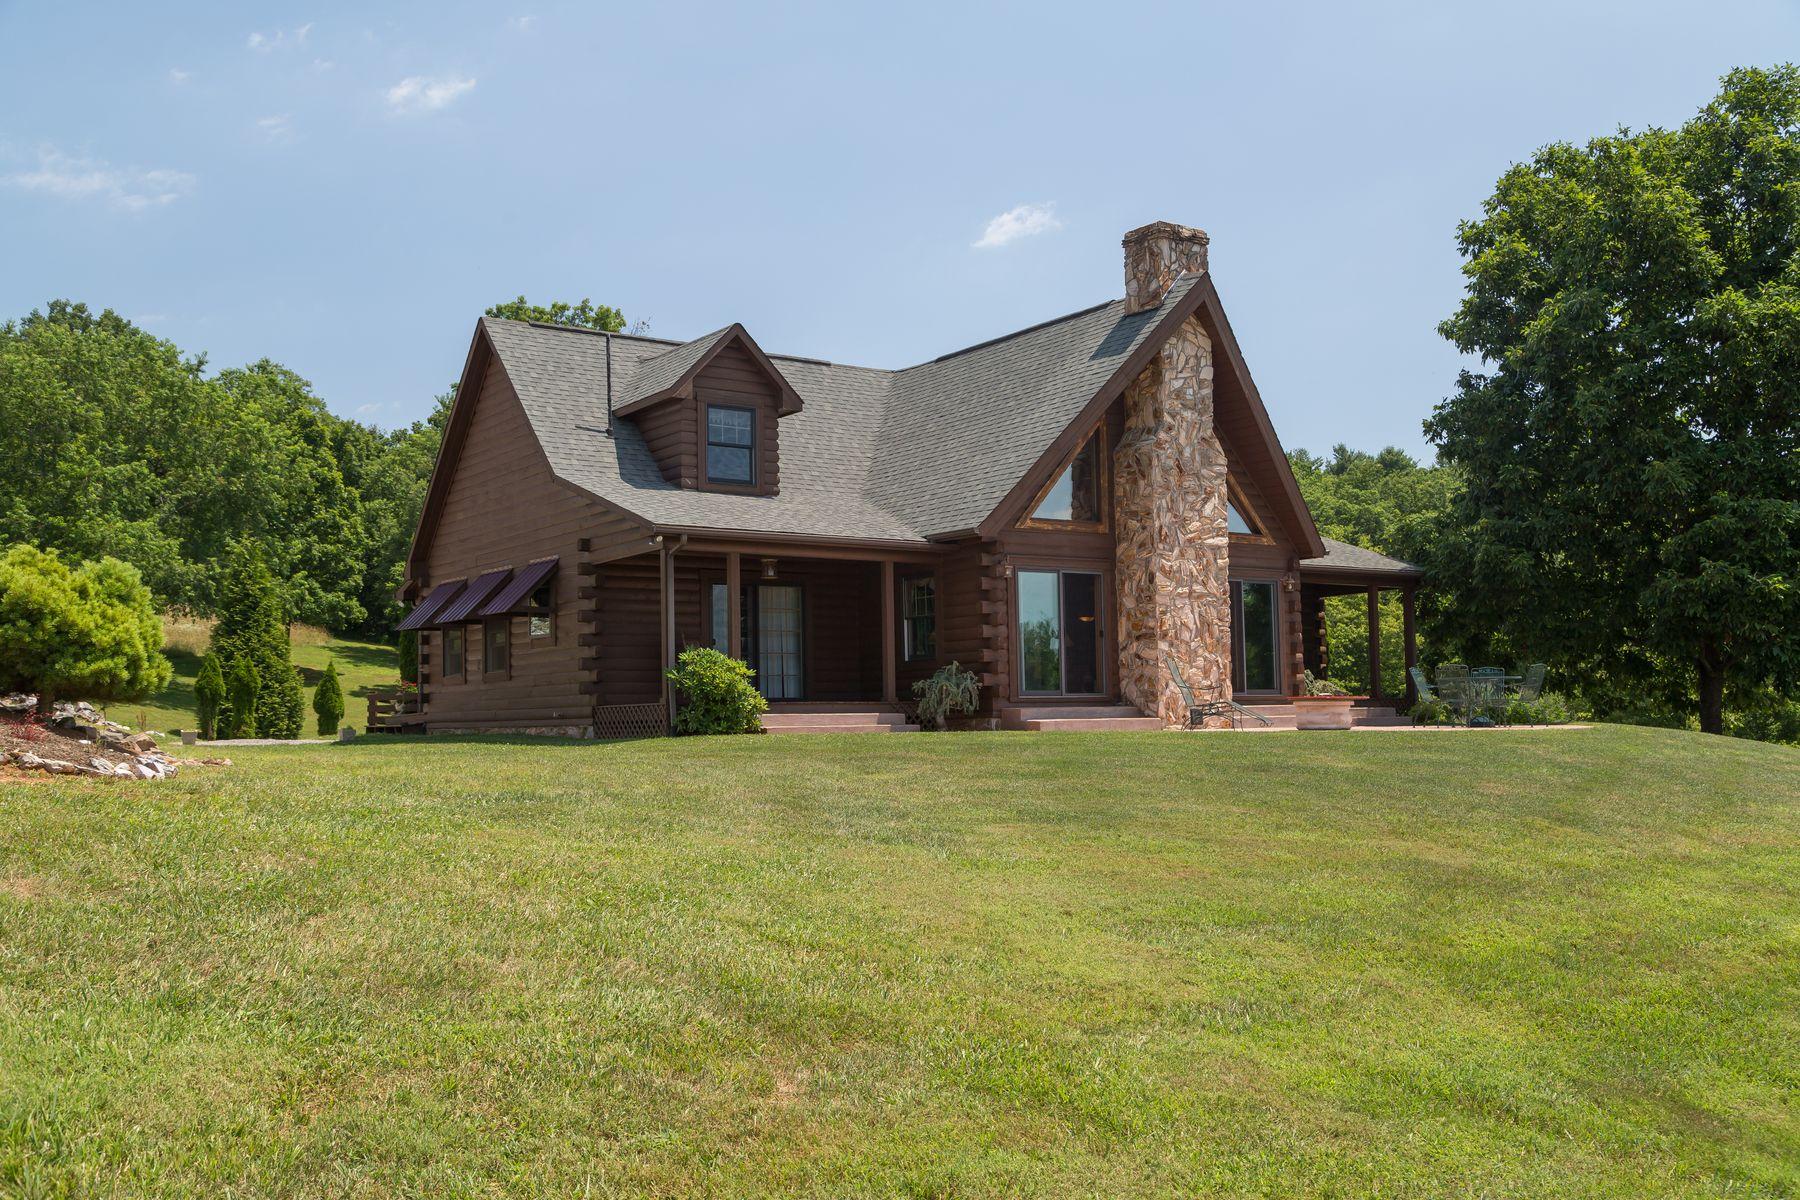 Частный односемейный дом для того Продажа на 291 Hunters Trail Floyd, Виргиния 24091 Соединенные Штаты